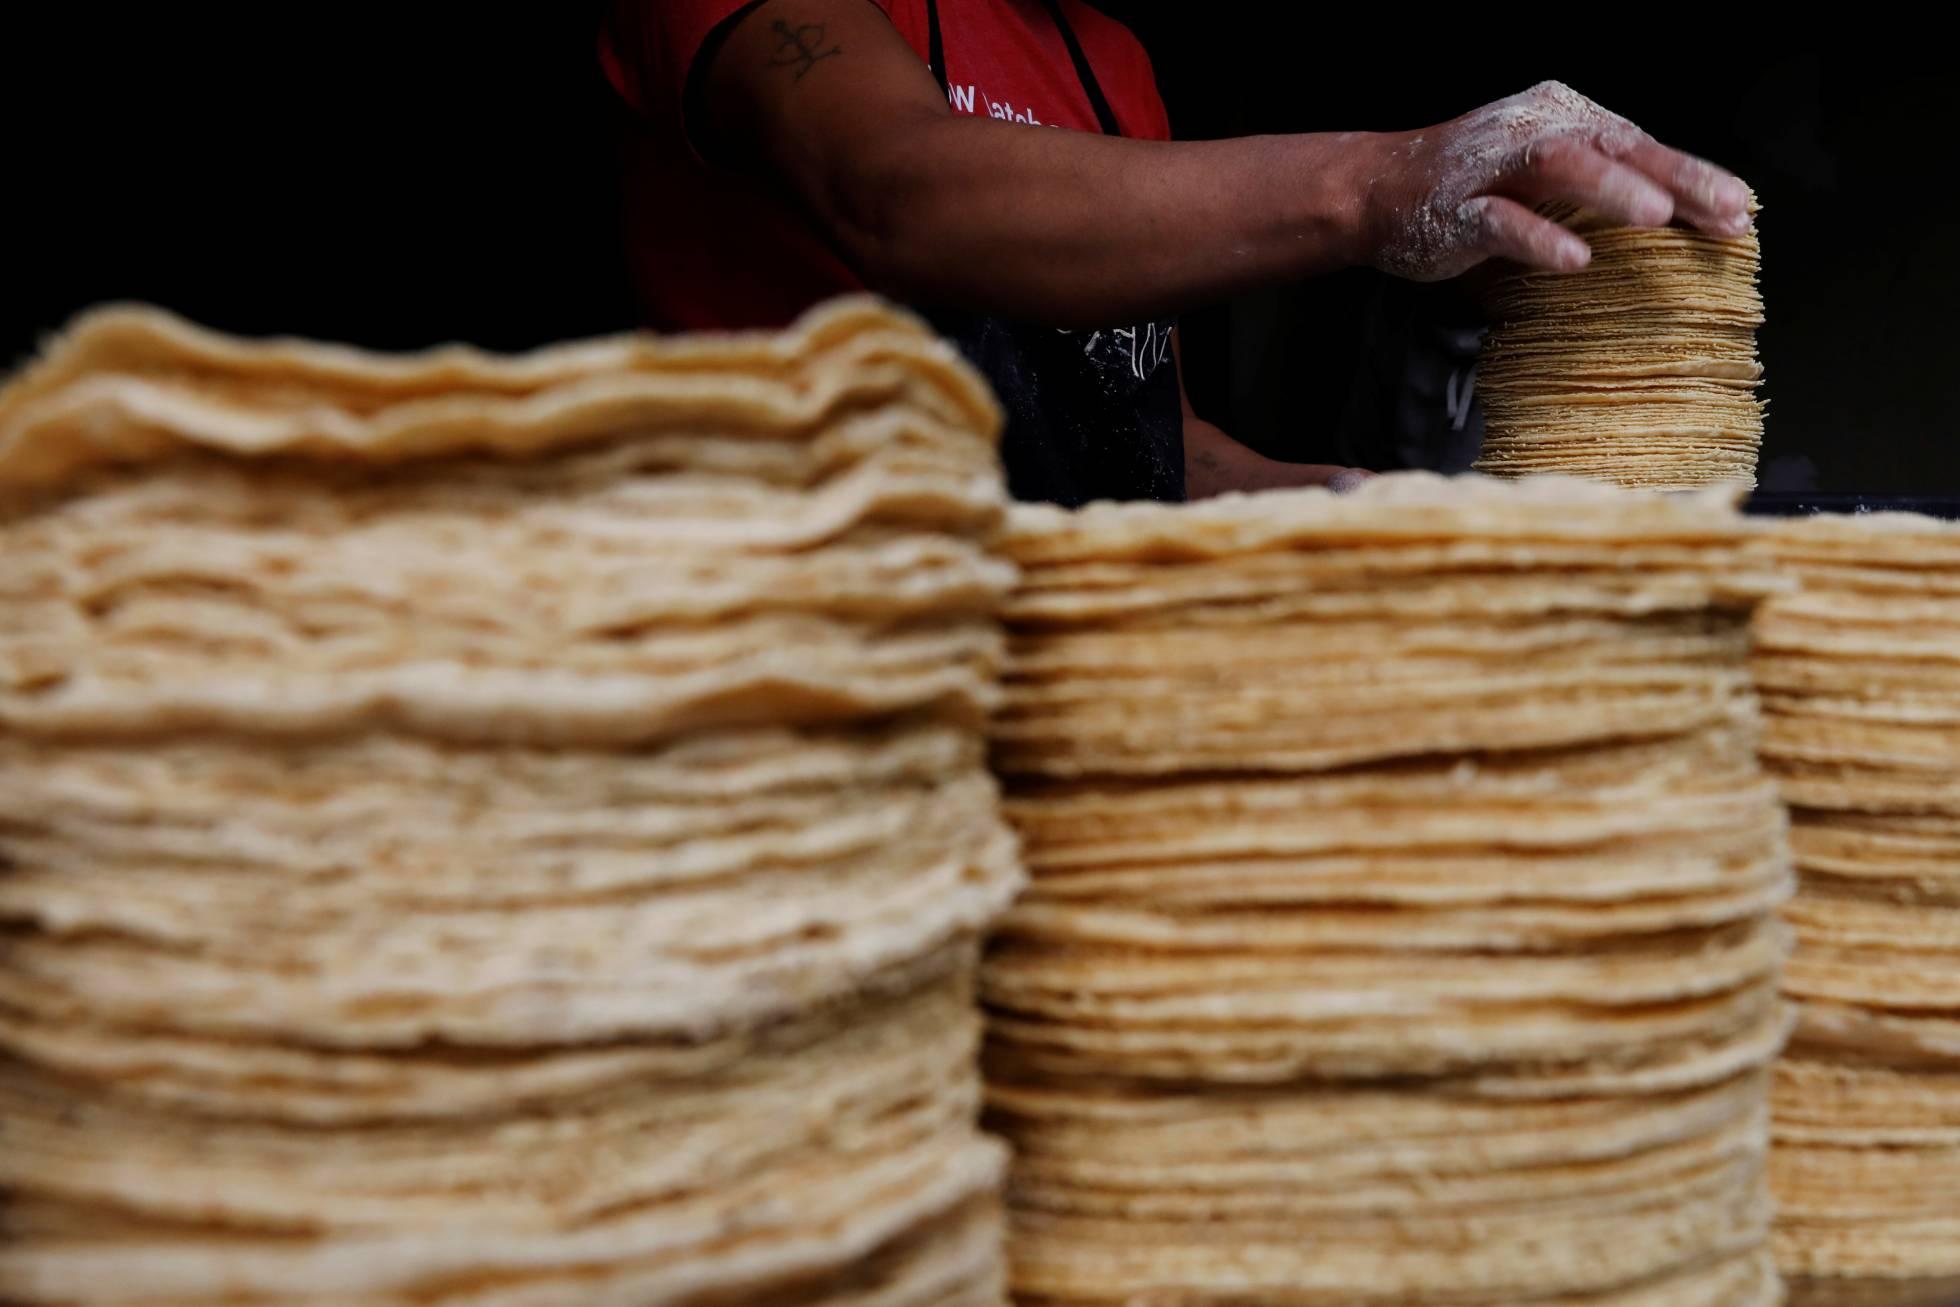 Un estudio encuentra glifosato en la mayor productora de tortillas de maíz de México